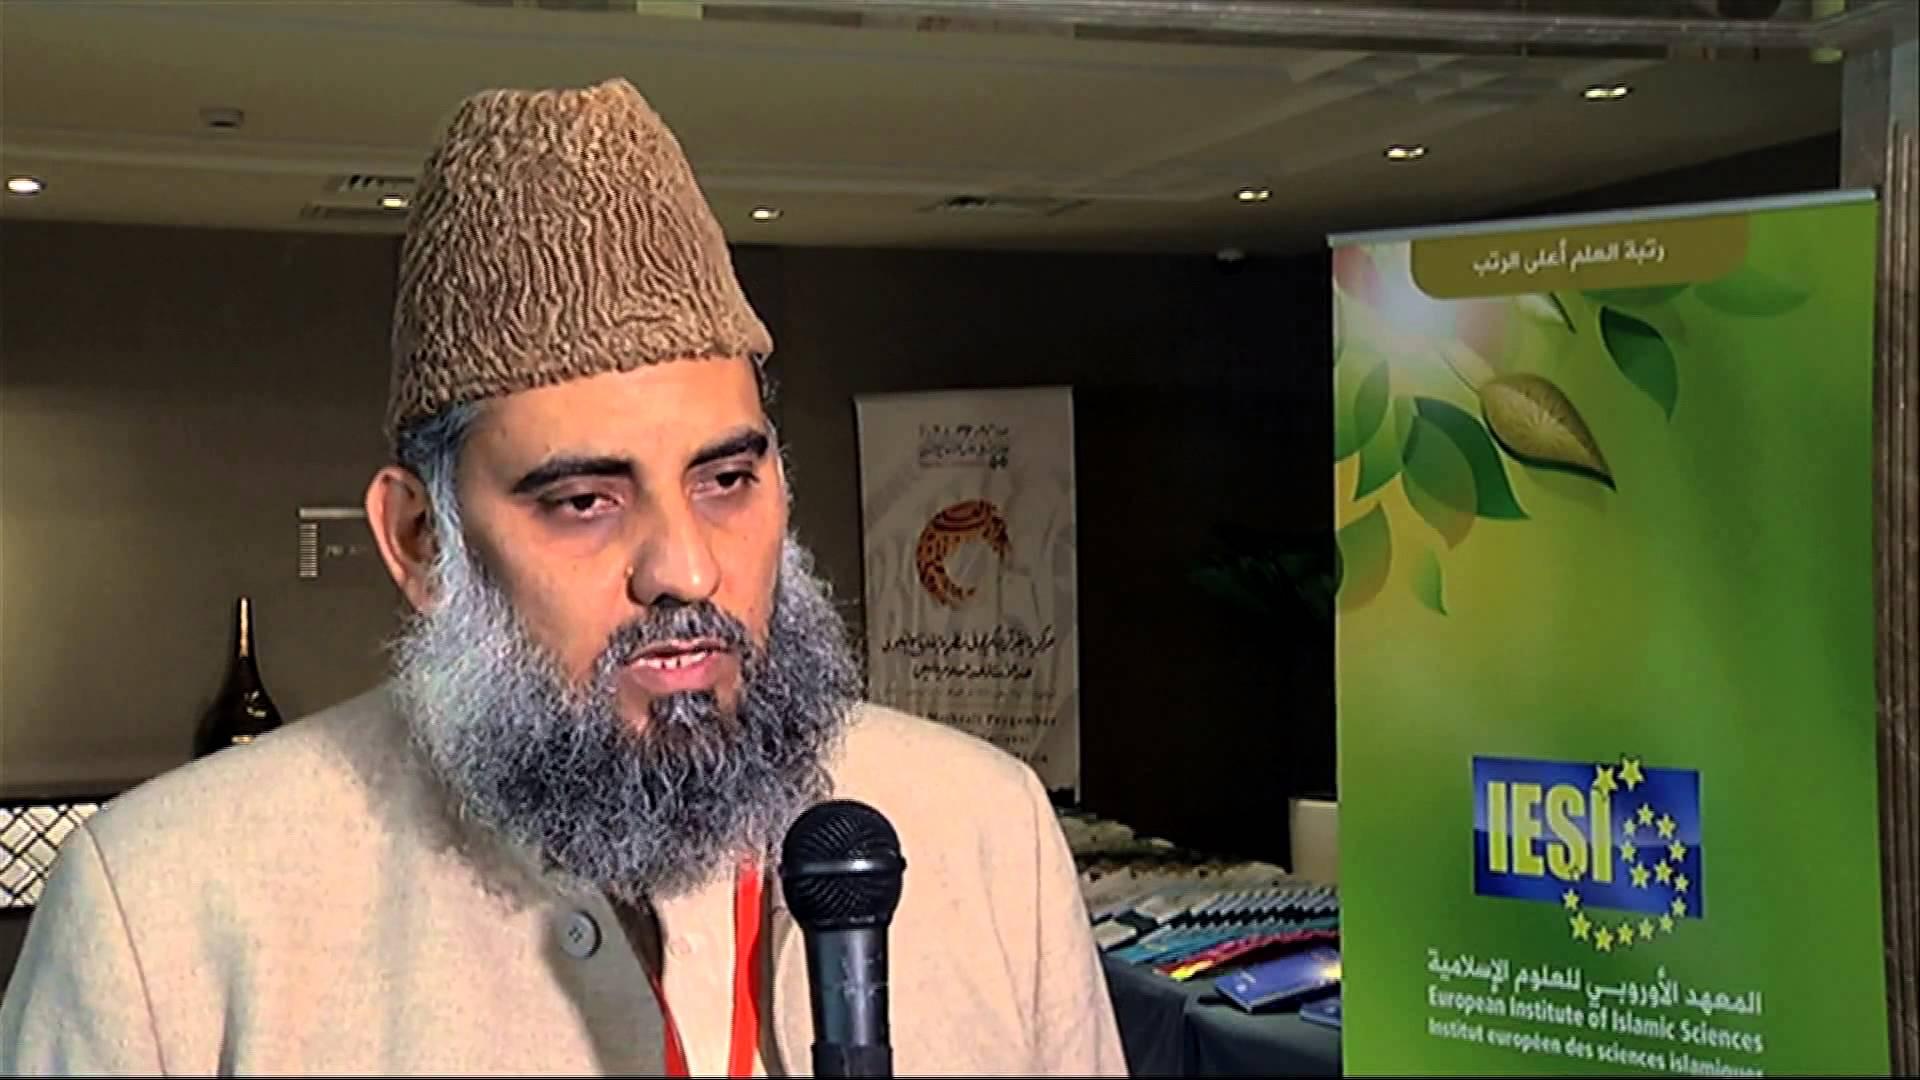 قالوا عن المؤتمر – حامد أشرف همداني